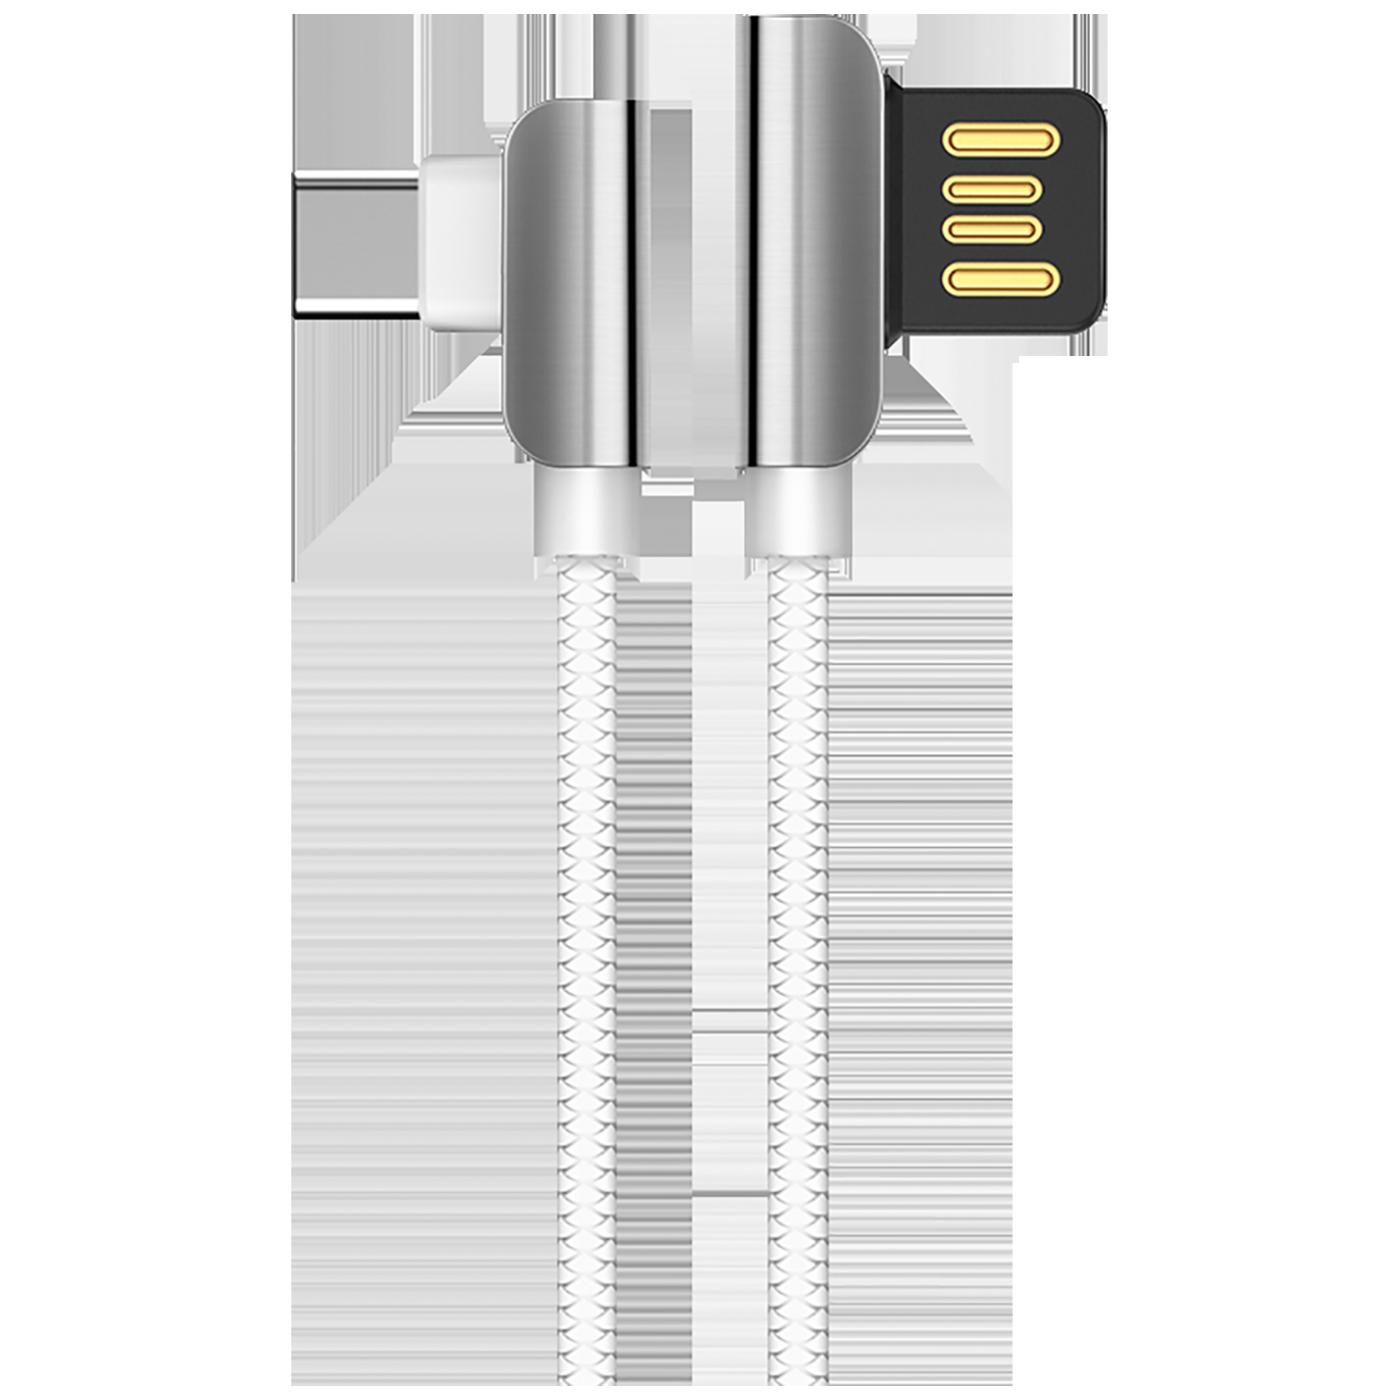 USB kabl za smartphone, USB type C, 1.2 met., 2.4 A, bijela